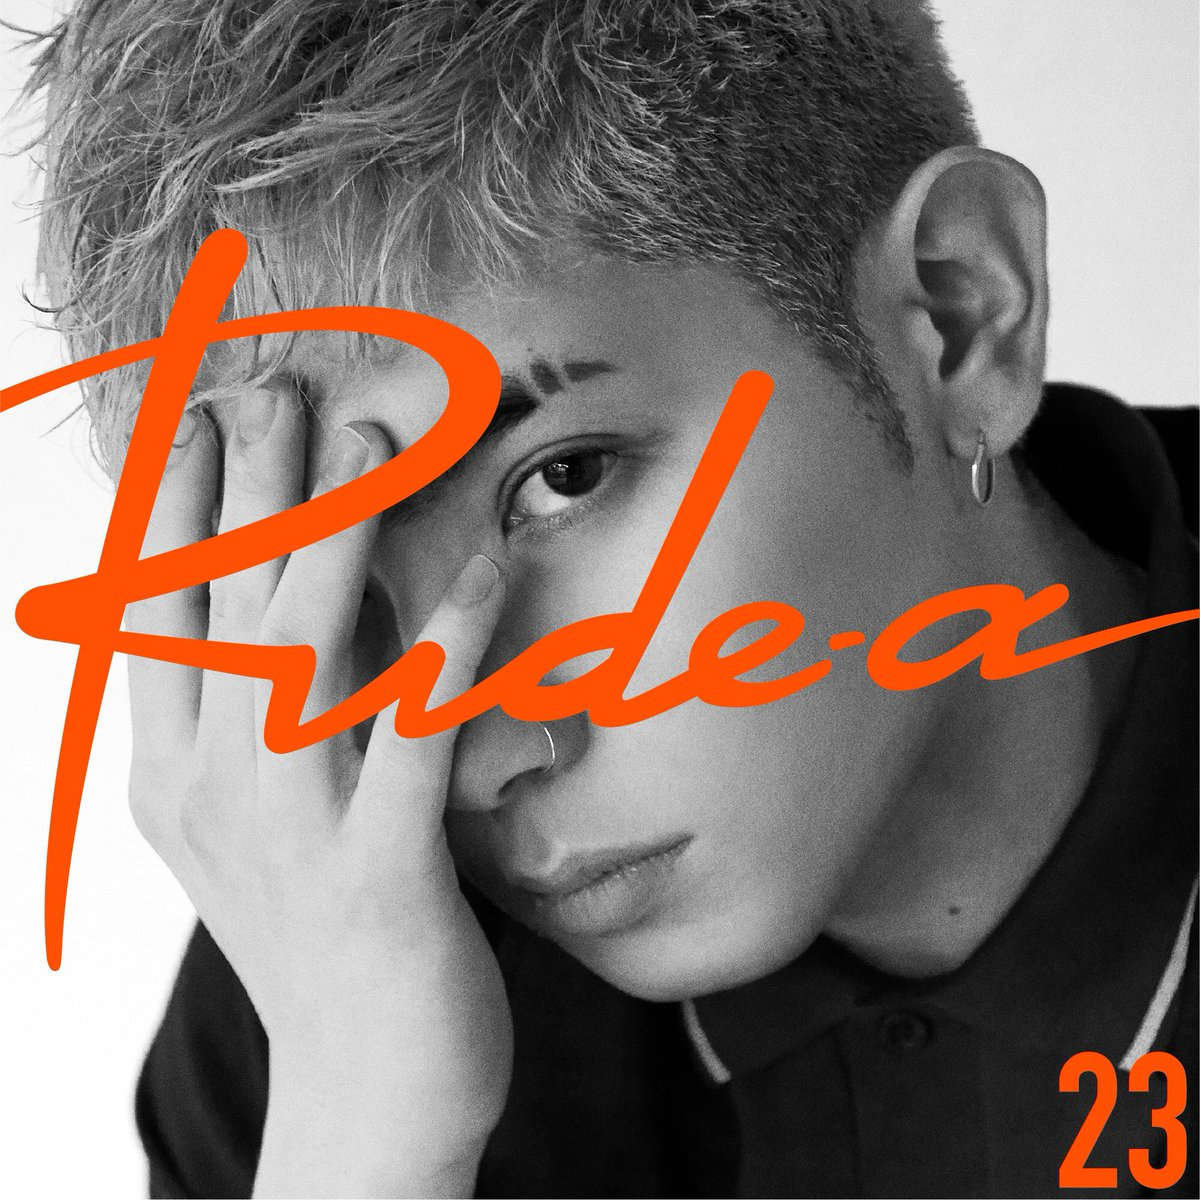 3/4(水)発売Rude-α 1st Album「23」2/19(水)からアルバム全曲試聴&iTunesプレオーダー開始‼️是非チェックしてみてください!#Rude_α  #ルードくん